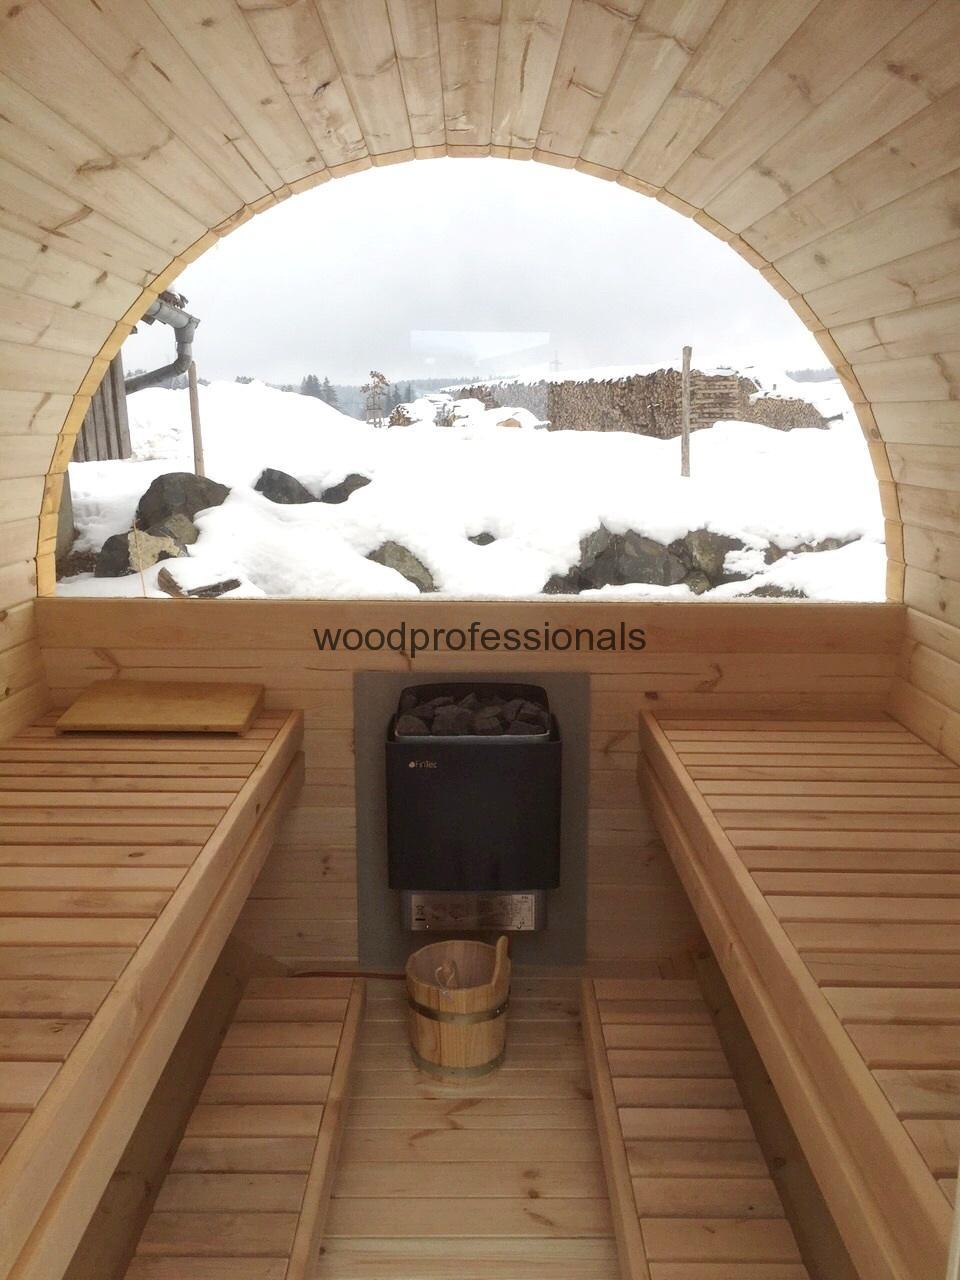 Sauna Barrel 4 8 M 216 1 97 M Woodprofessionals Lt